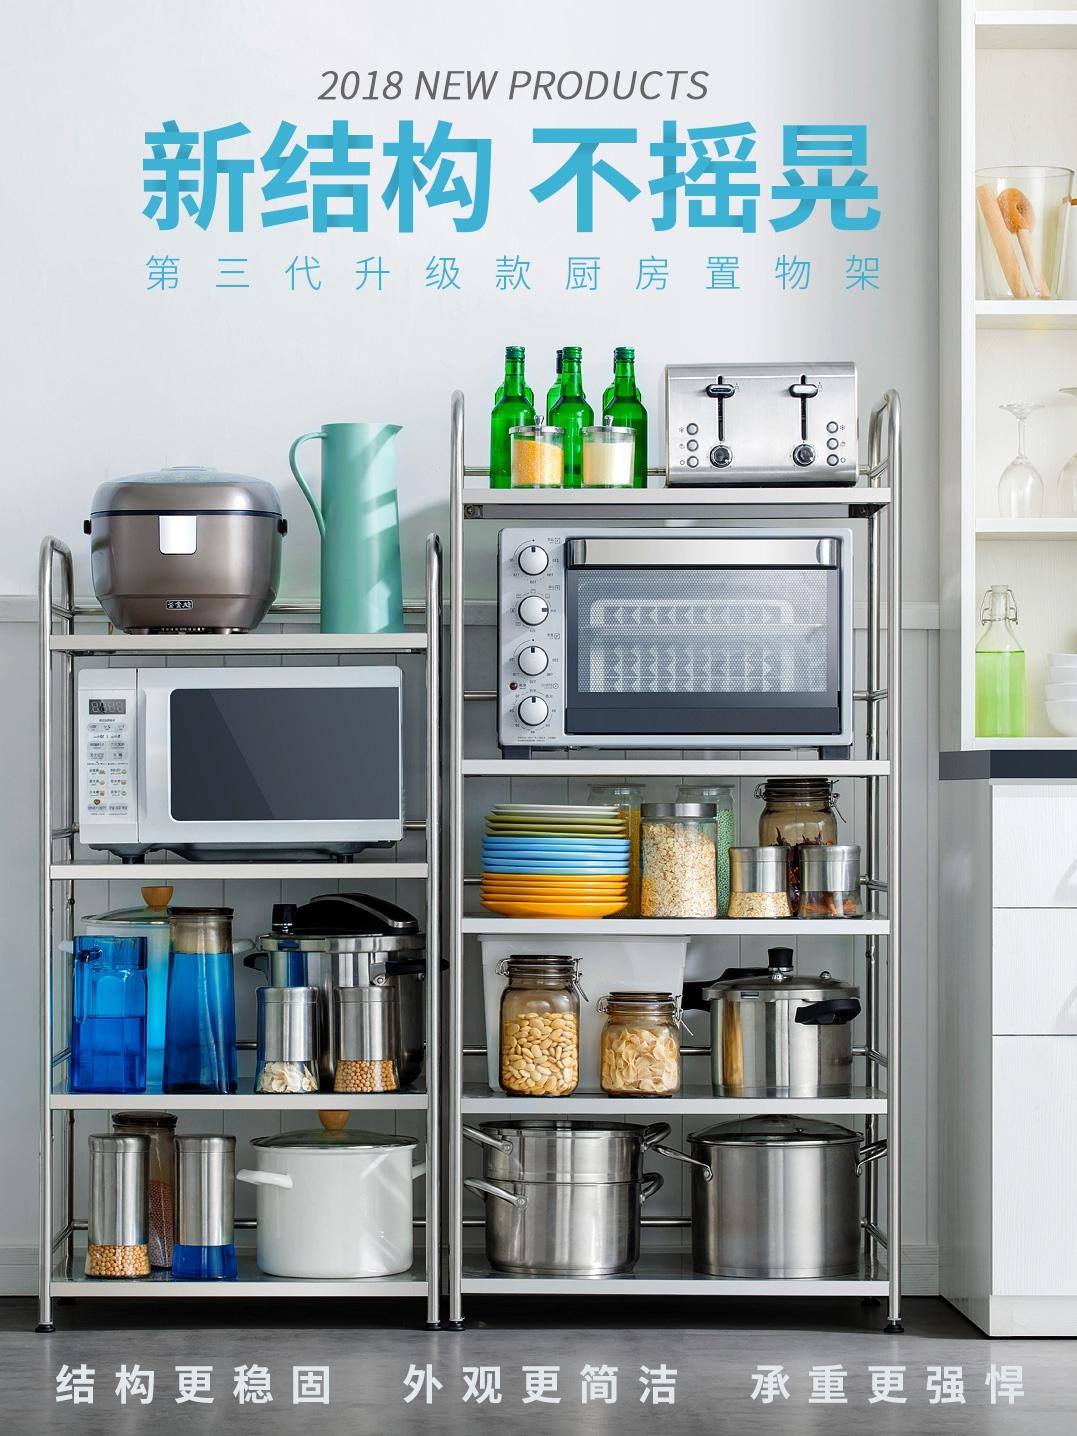 十一维度厨房置物架落地多层收纳架厨房用品微波炉烤箱架储物架